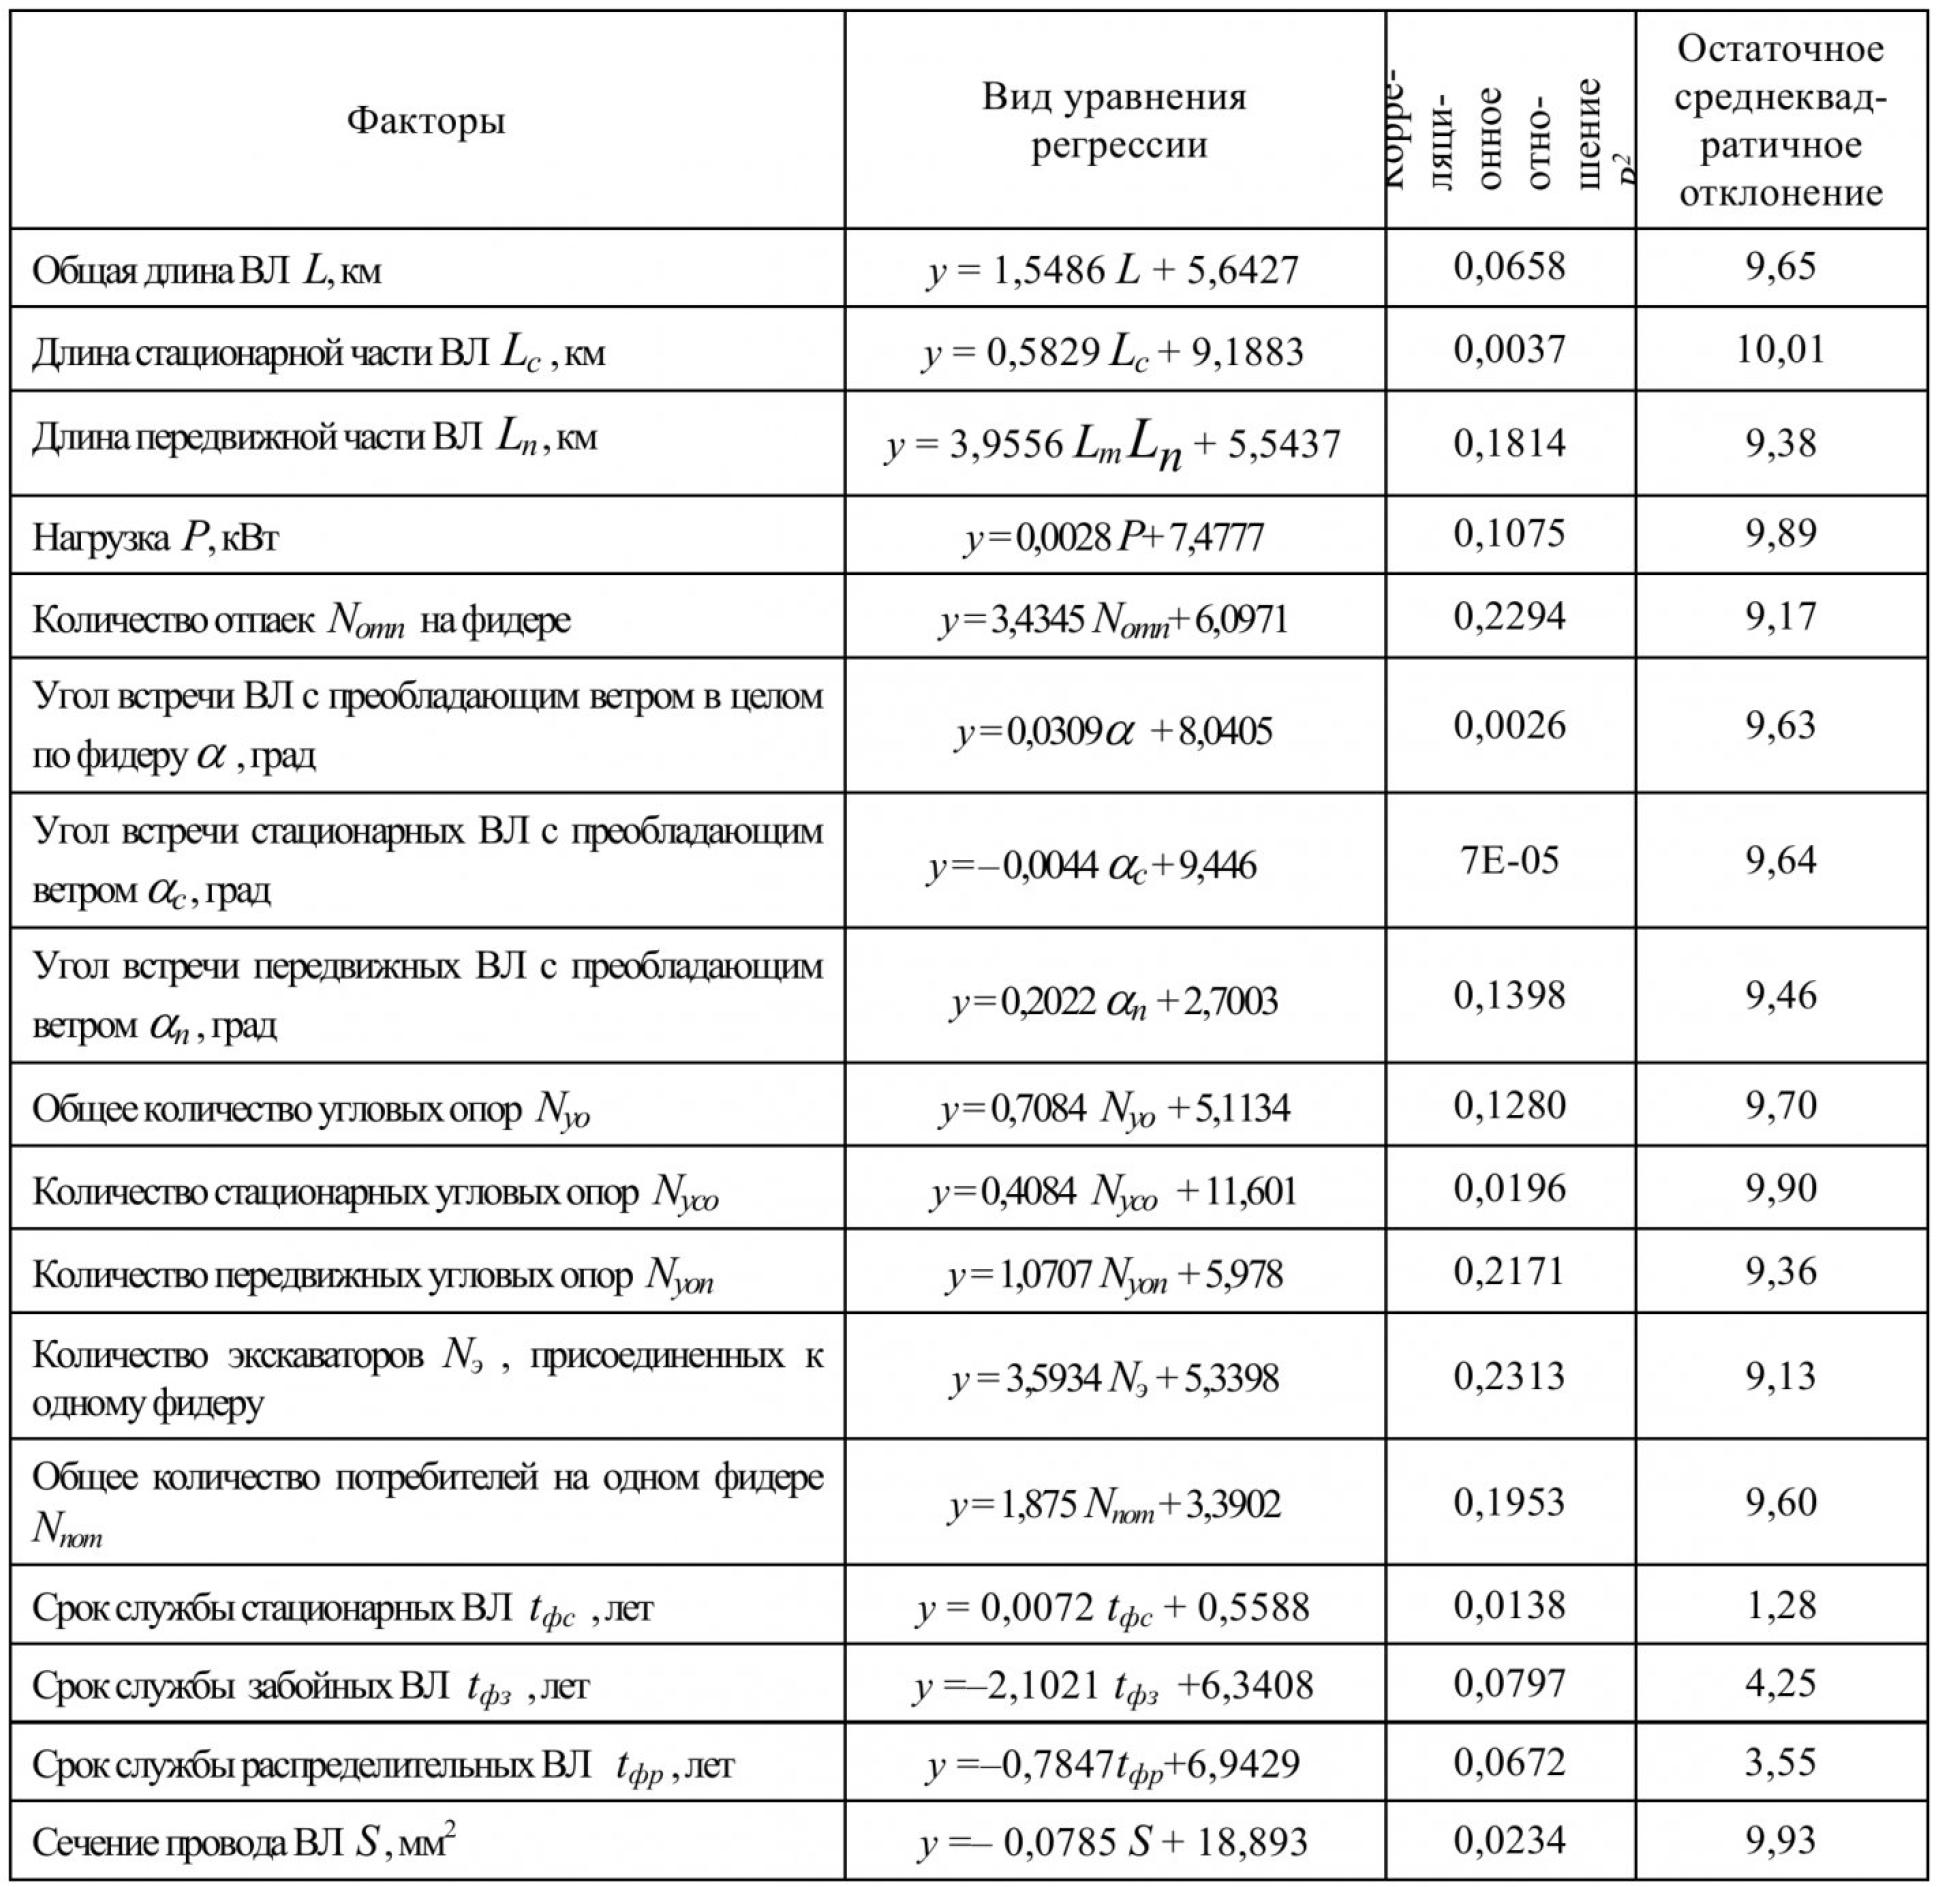 Влияние конструктивных и технико-эксплуатационных факторов на надежность воздушных линий электропередачи угольных разрезов 3